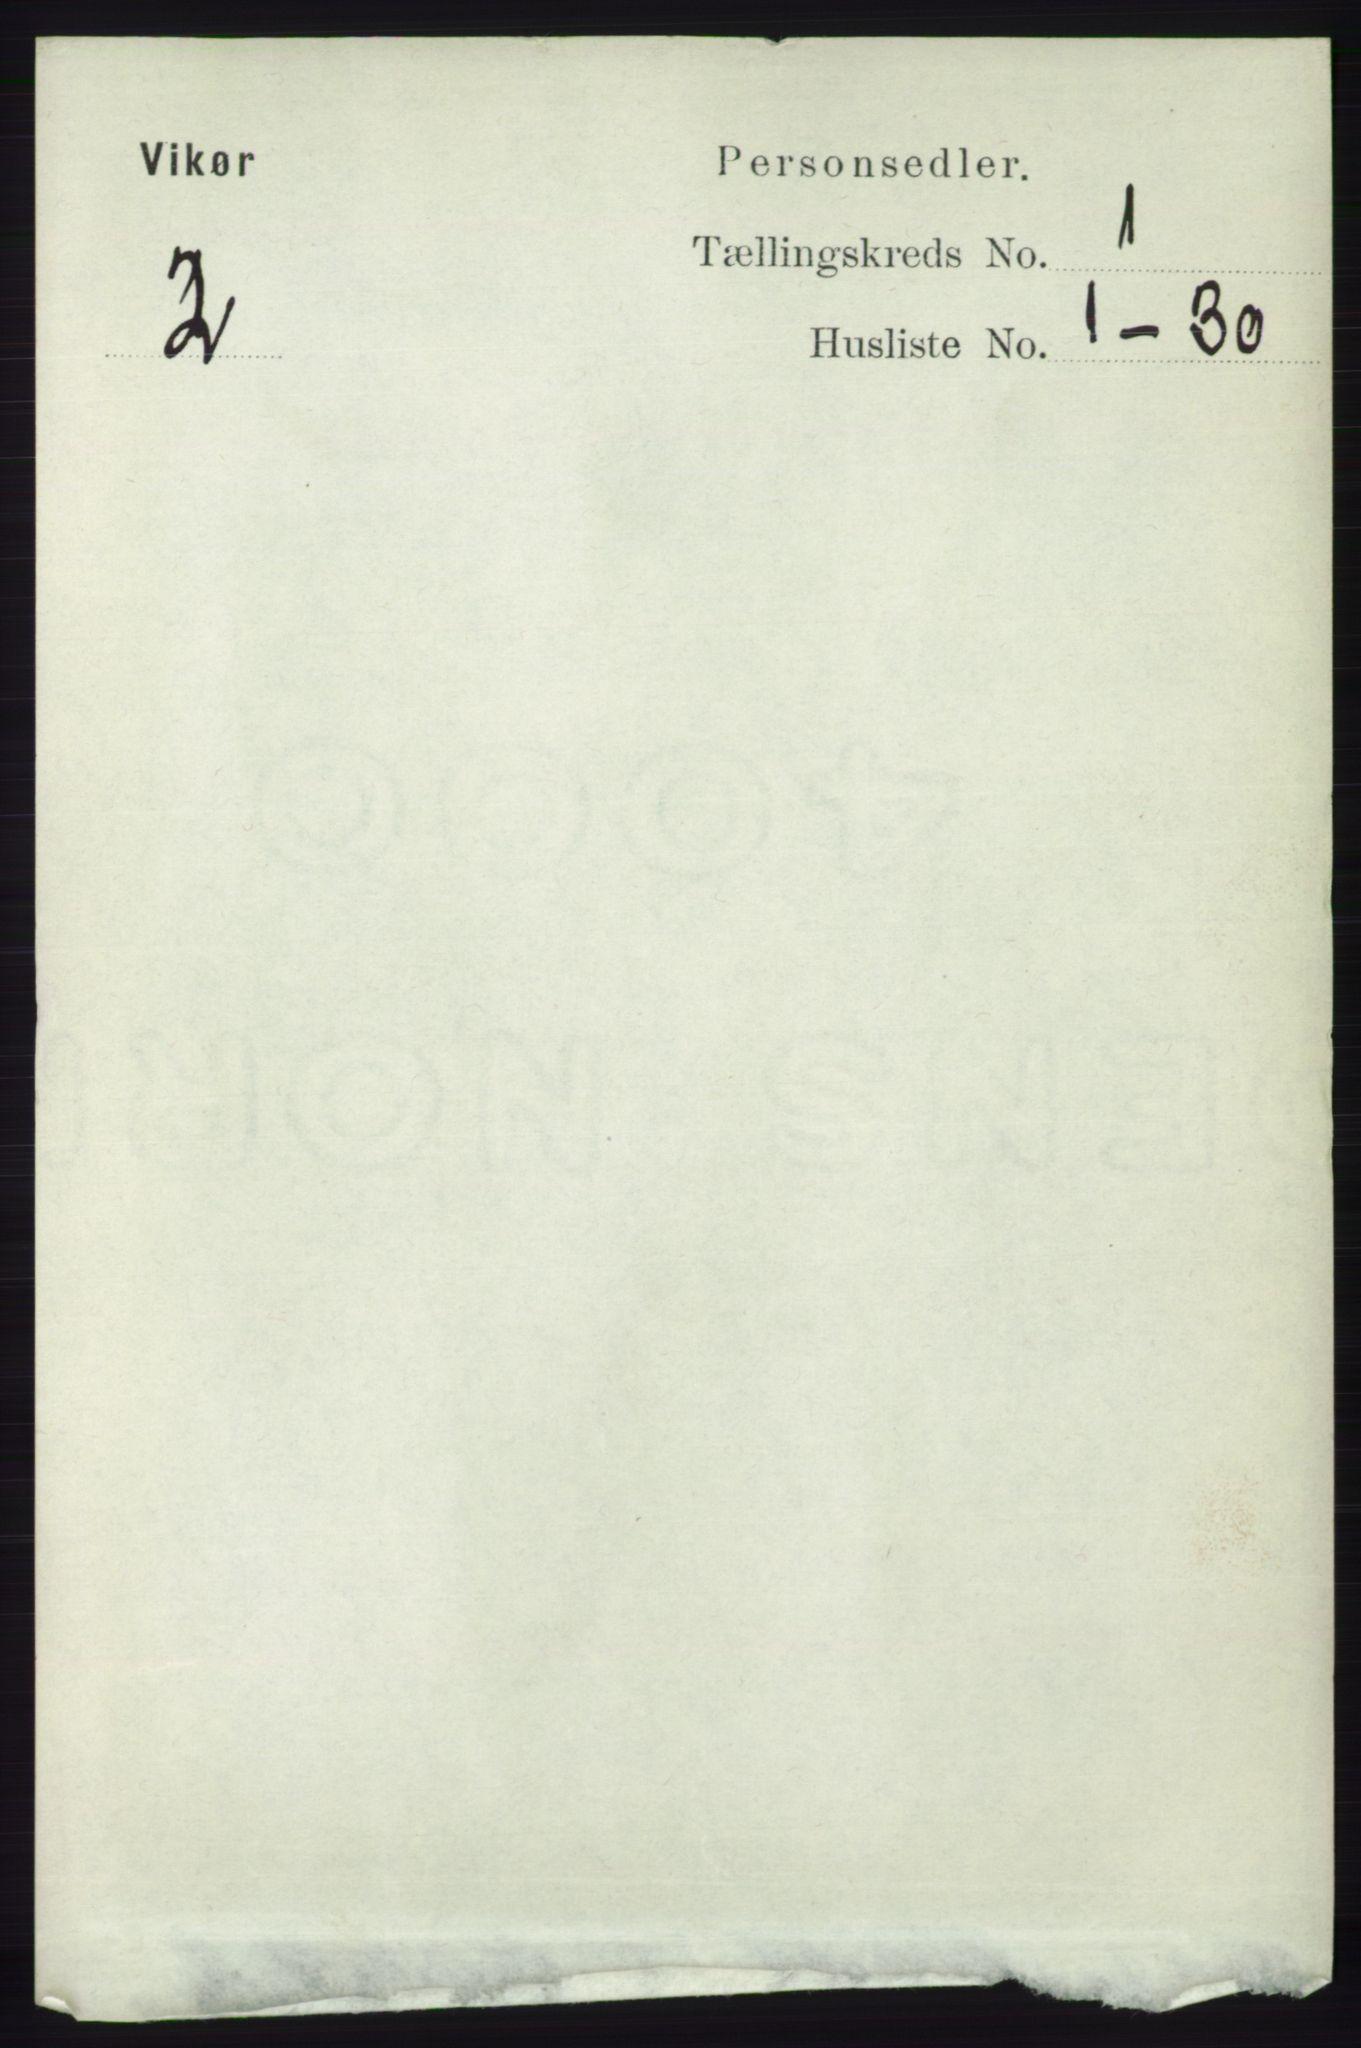 RA, Folketelling 1891 for 1238 Vikør herred, 1891, s. 92